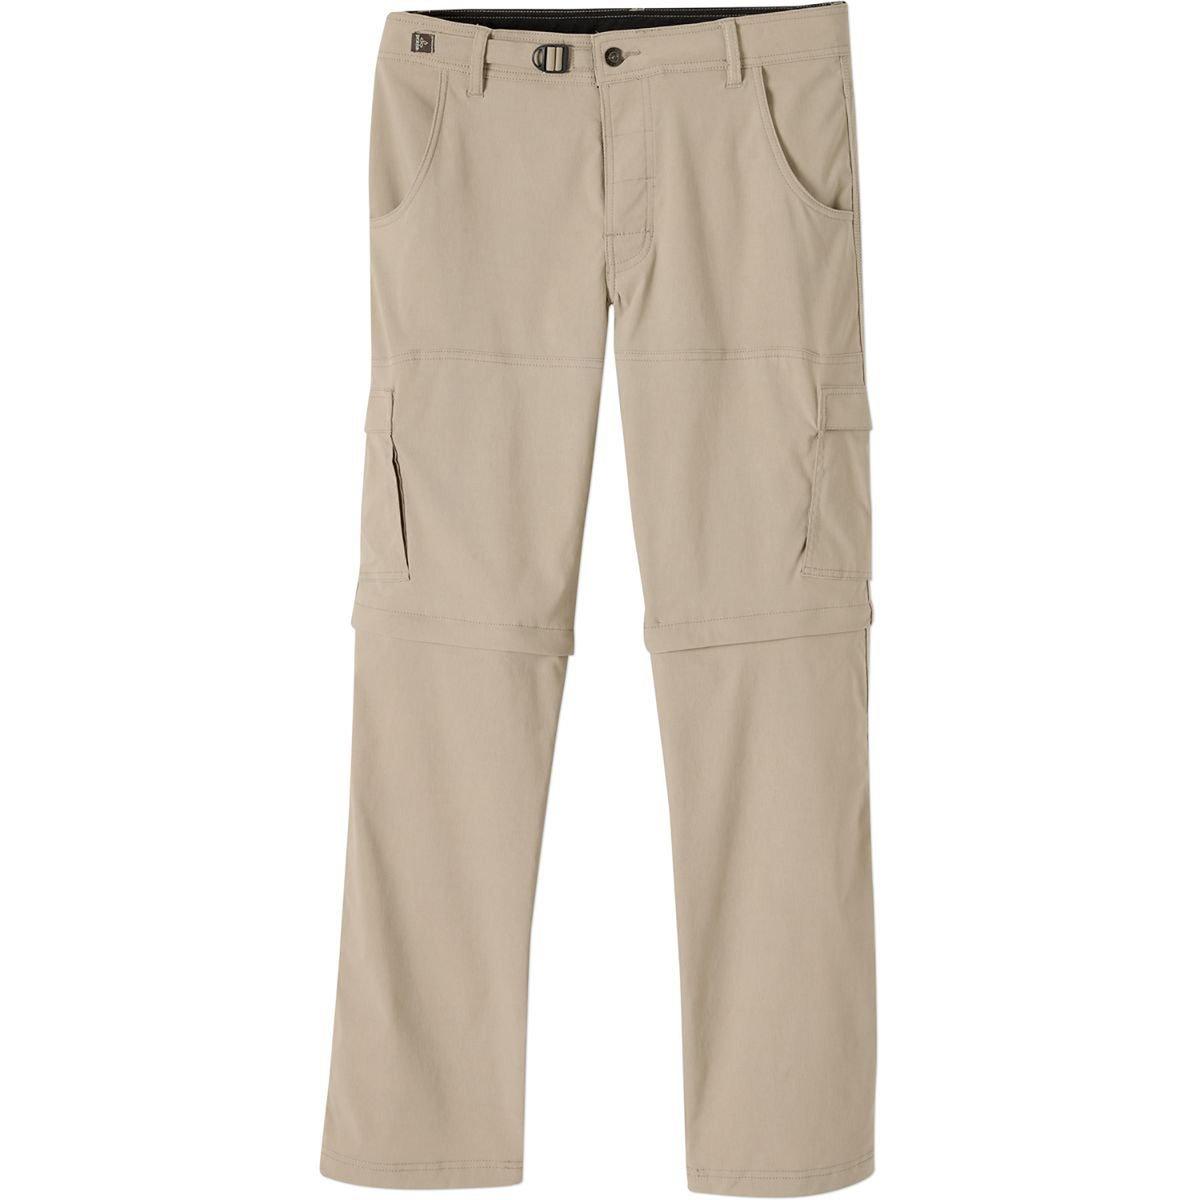 [プラーナ] メンズ カジュアル Stretch Zion Convertible Pant [並行輸入品] B07BVTWKWL 38W x 32L